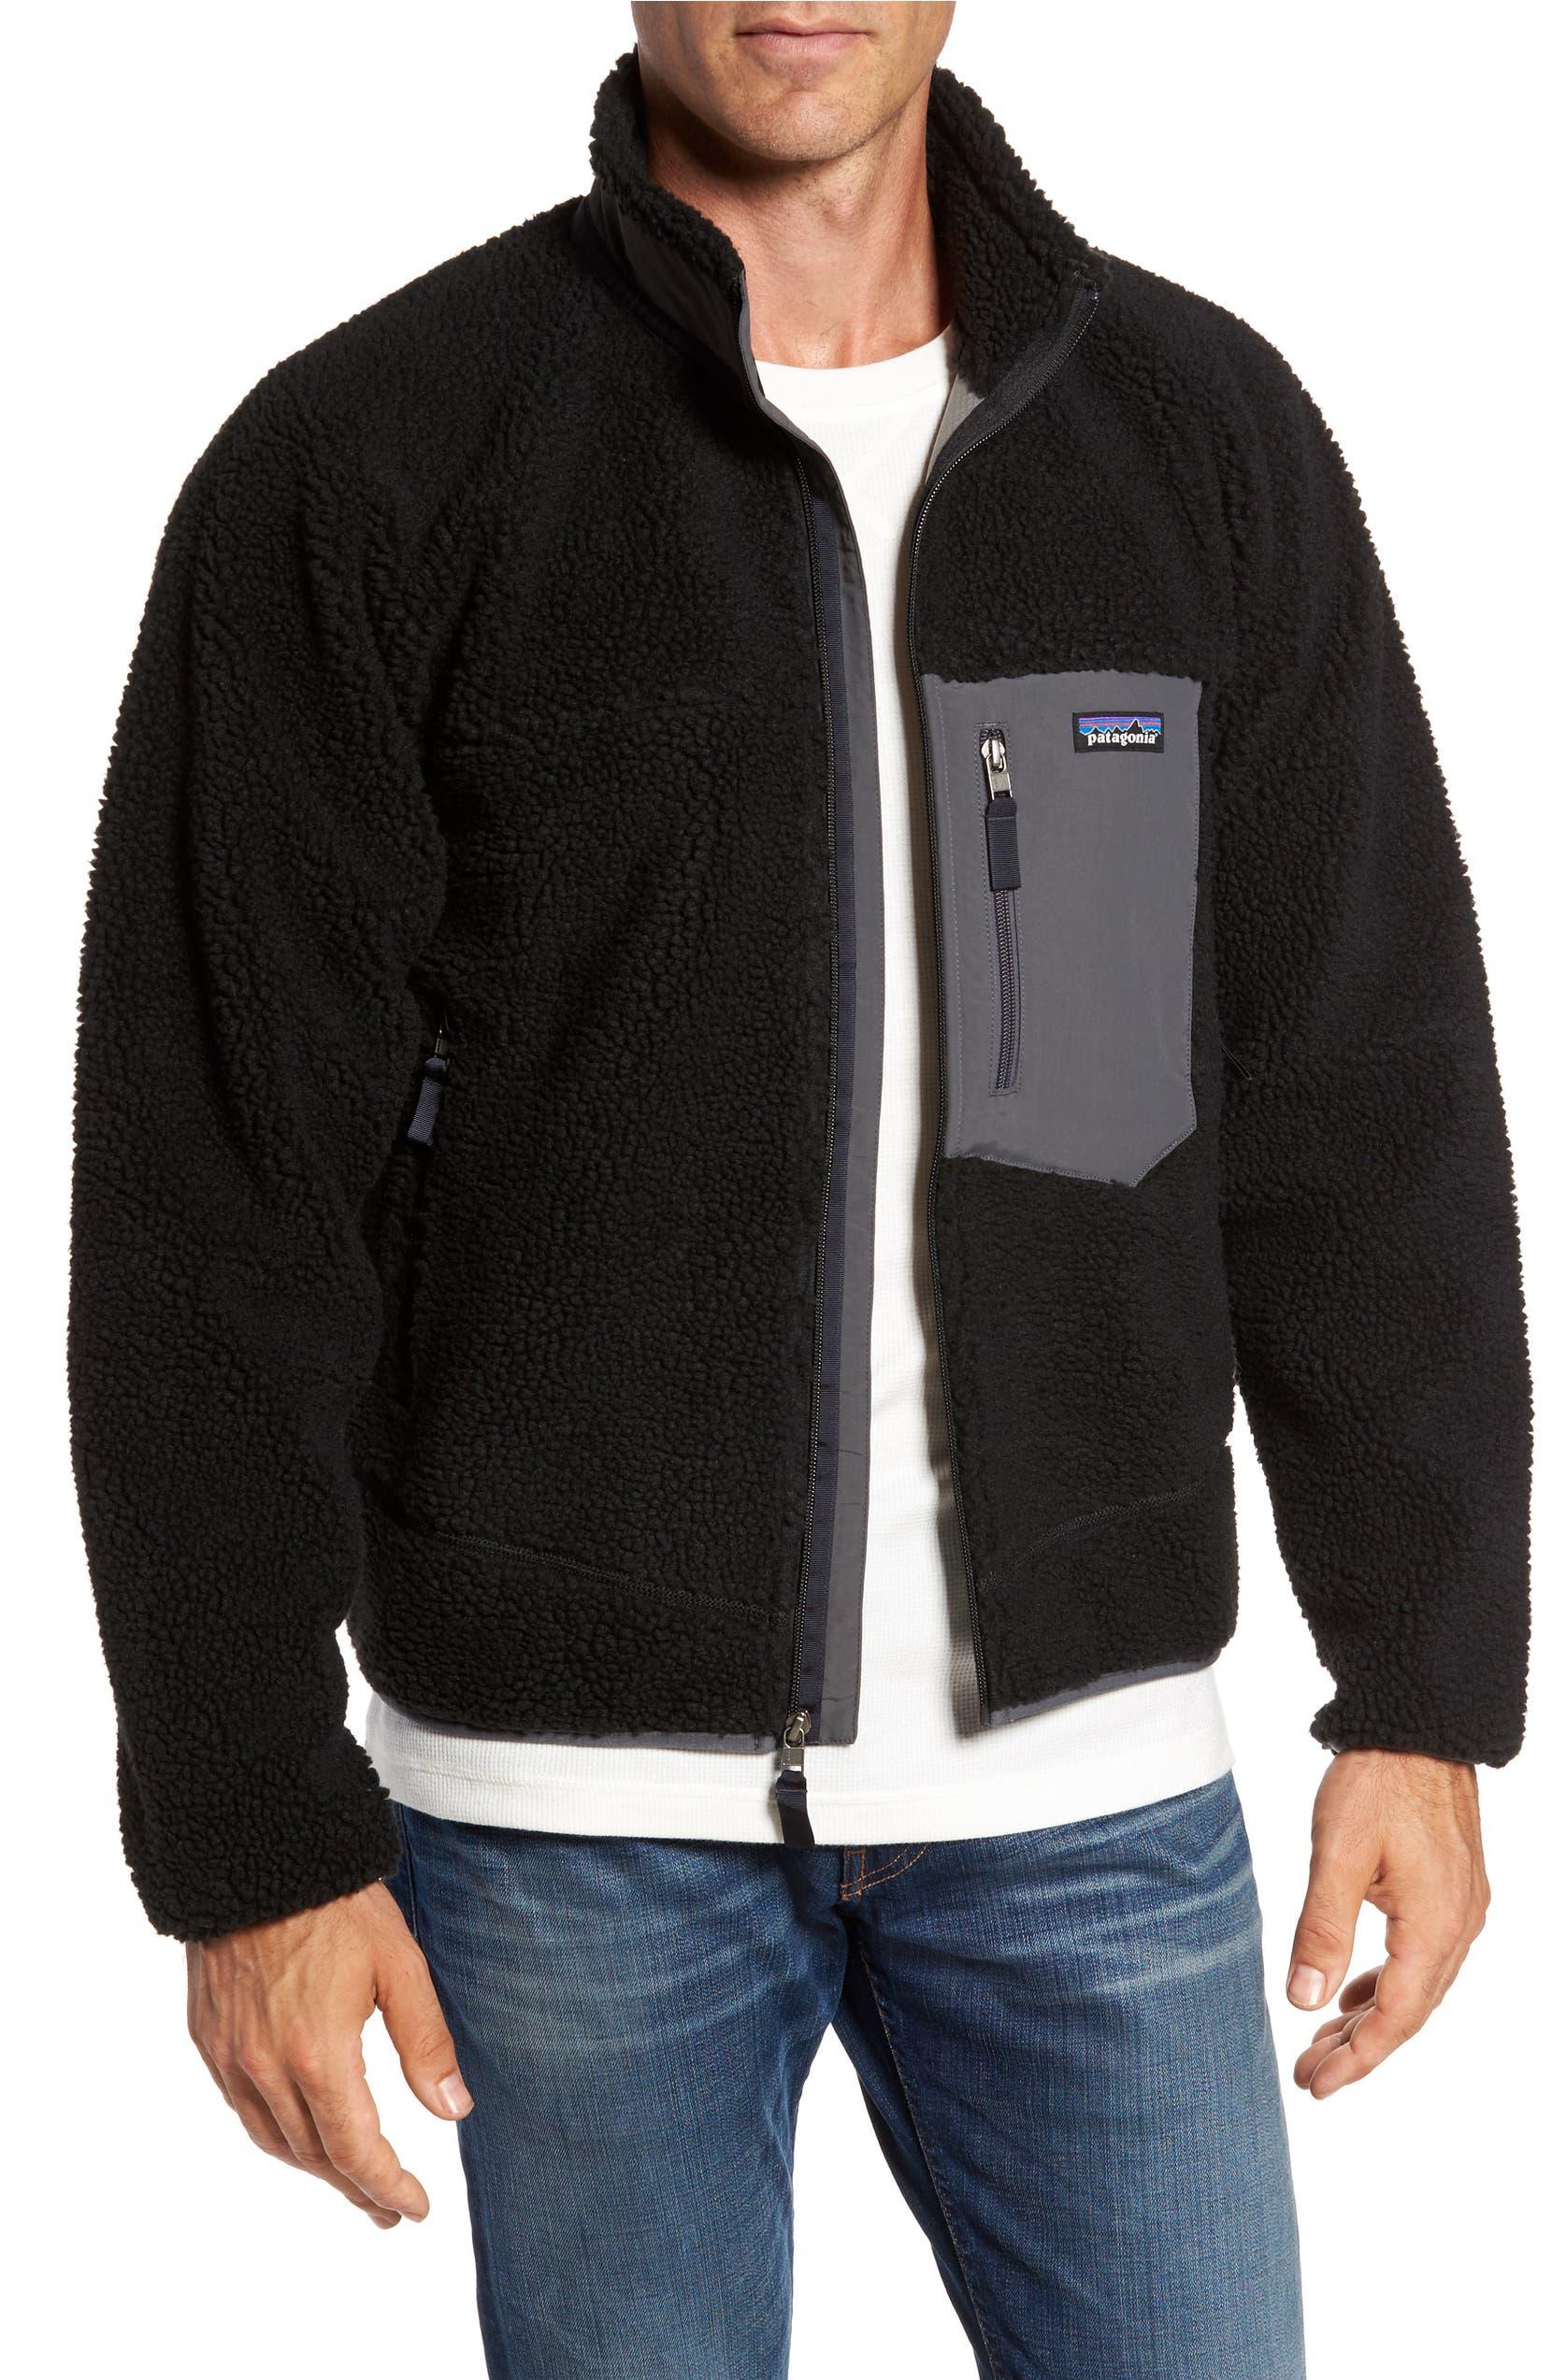 b9feb3de6 Retro-X Fleece Jacket